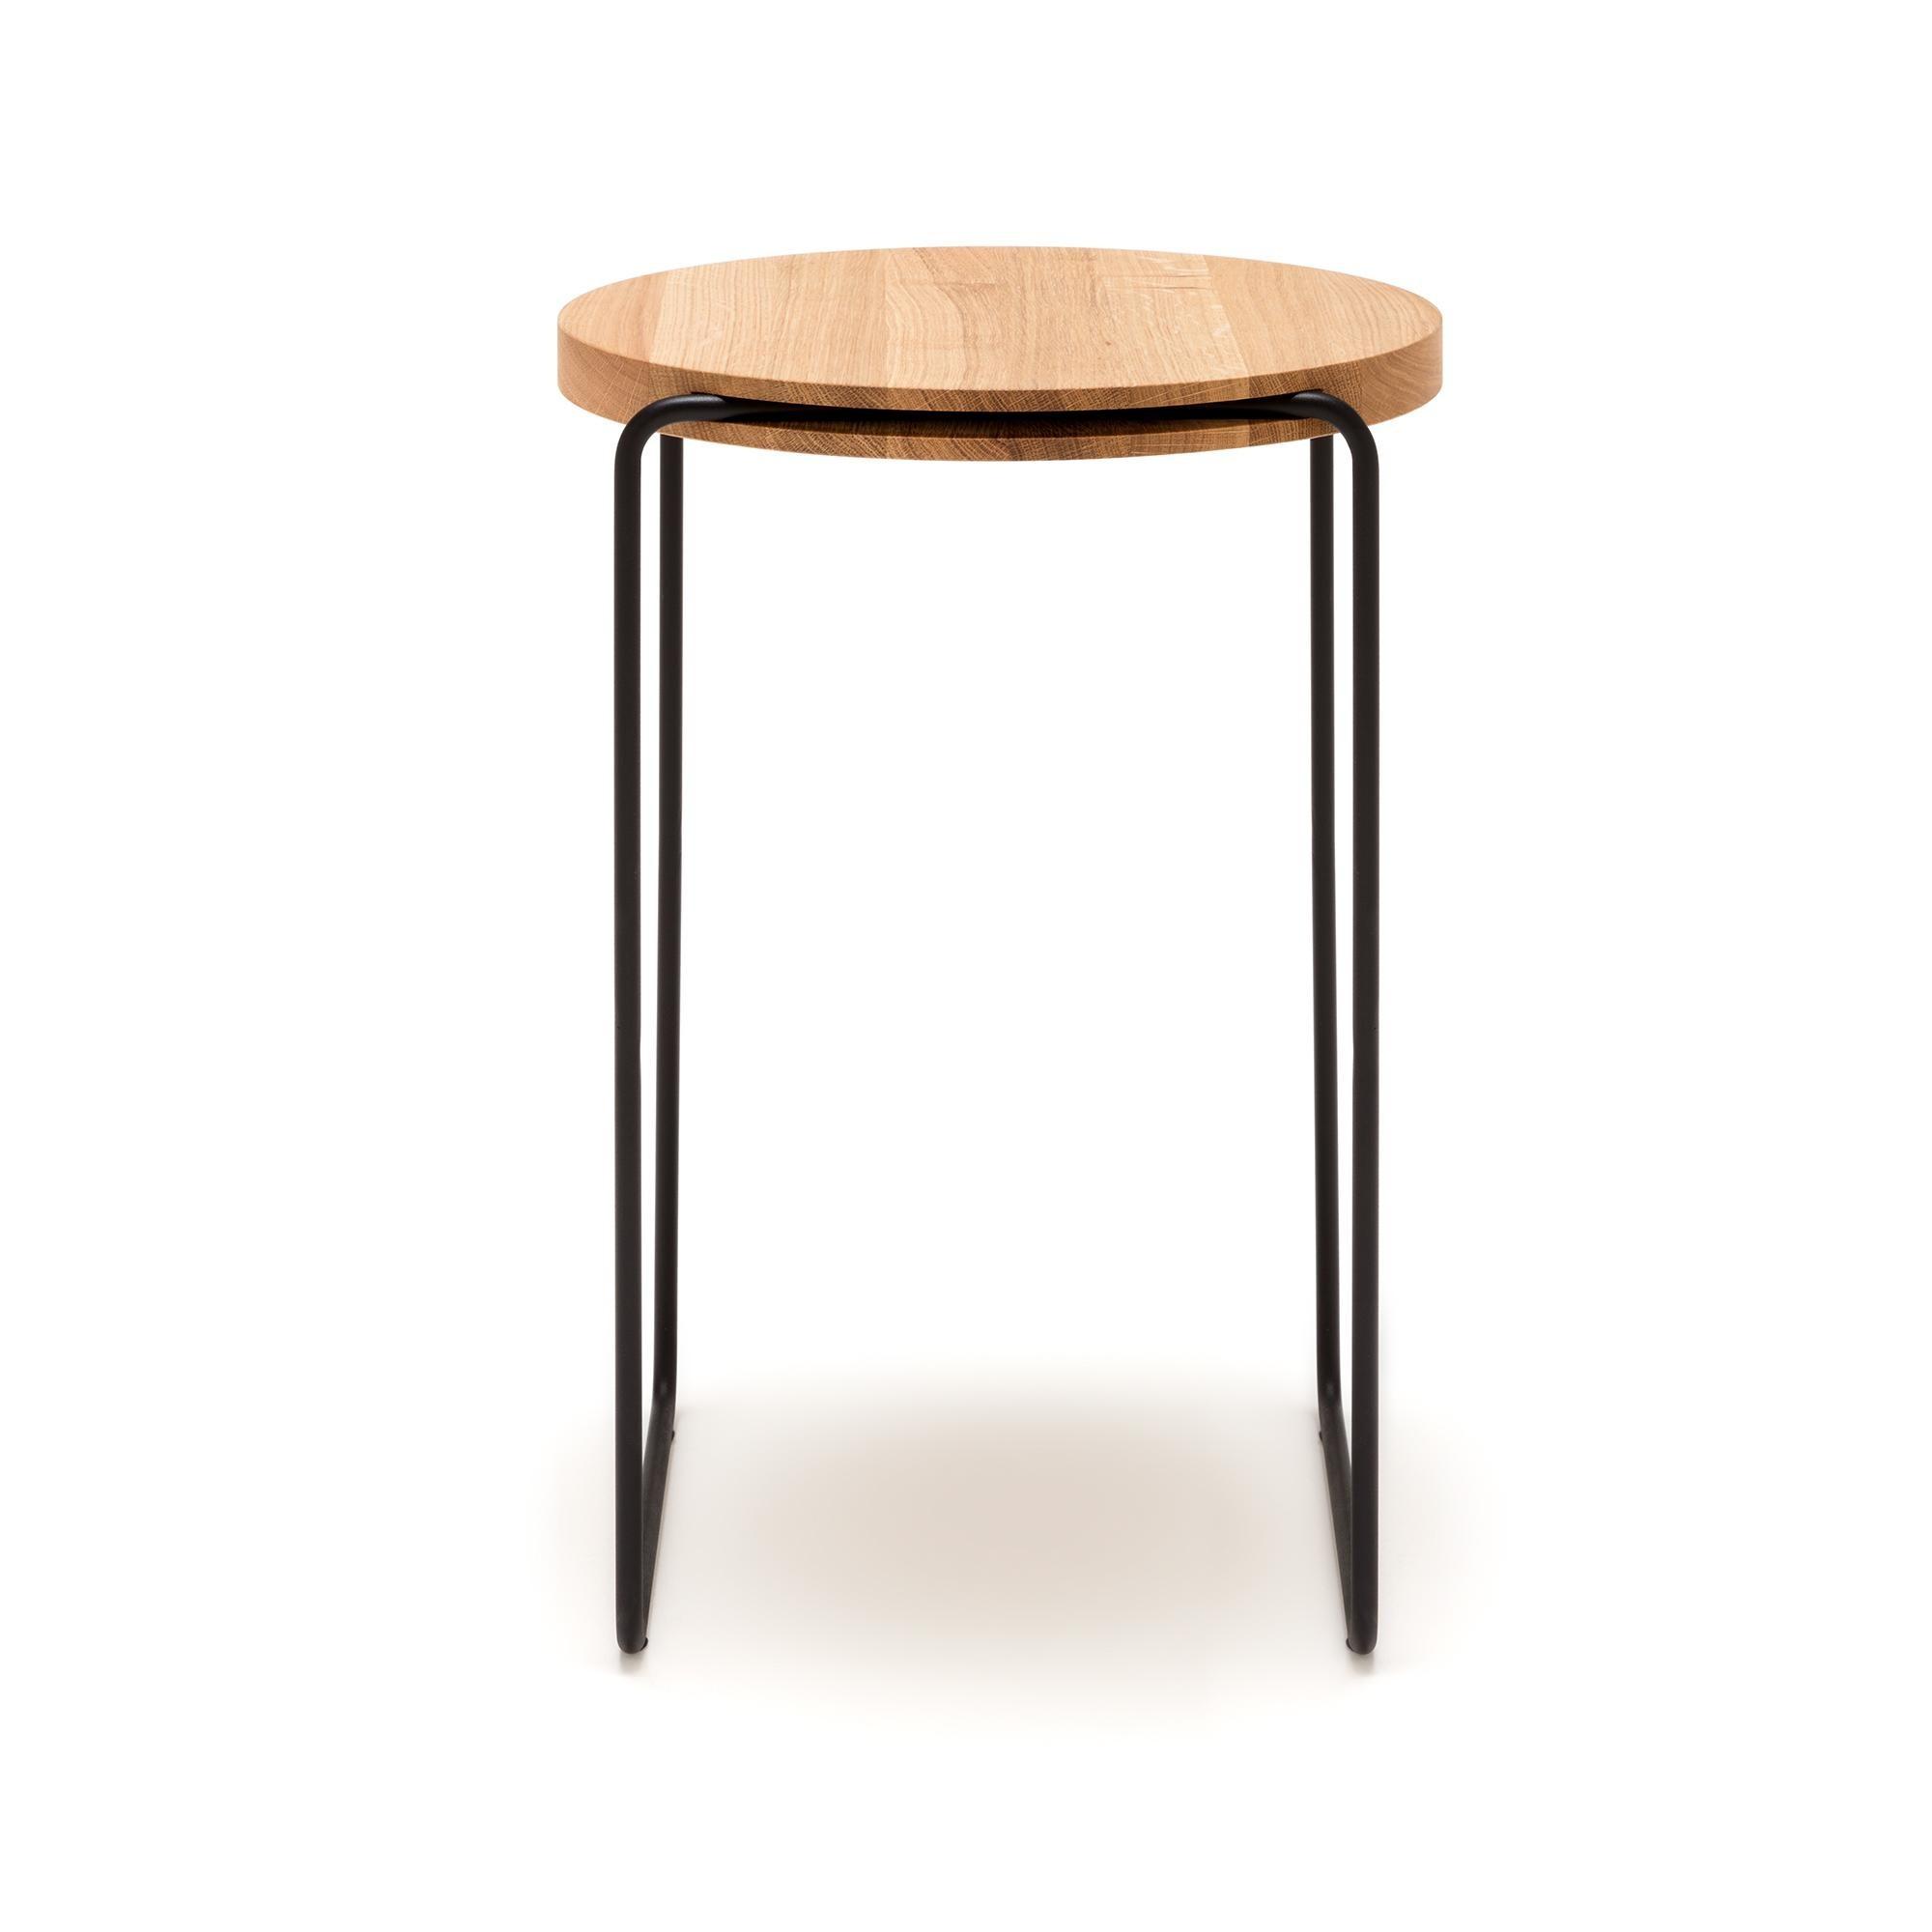 freistil rolf benz freistil 159 couchtisch ambientedirect. Black Bedroom Furniture Sets. Home Design Ideas